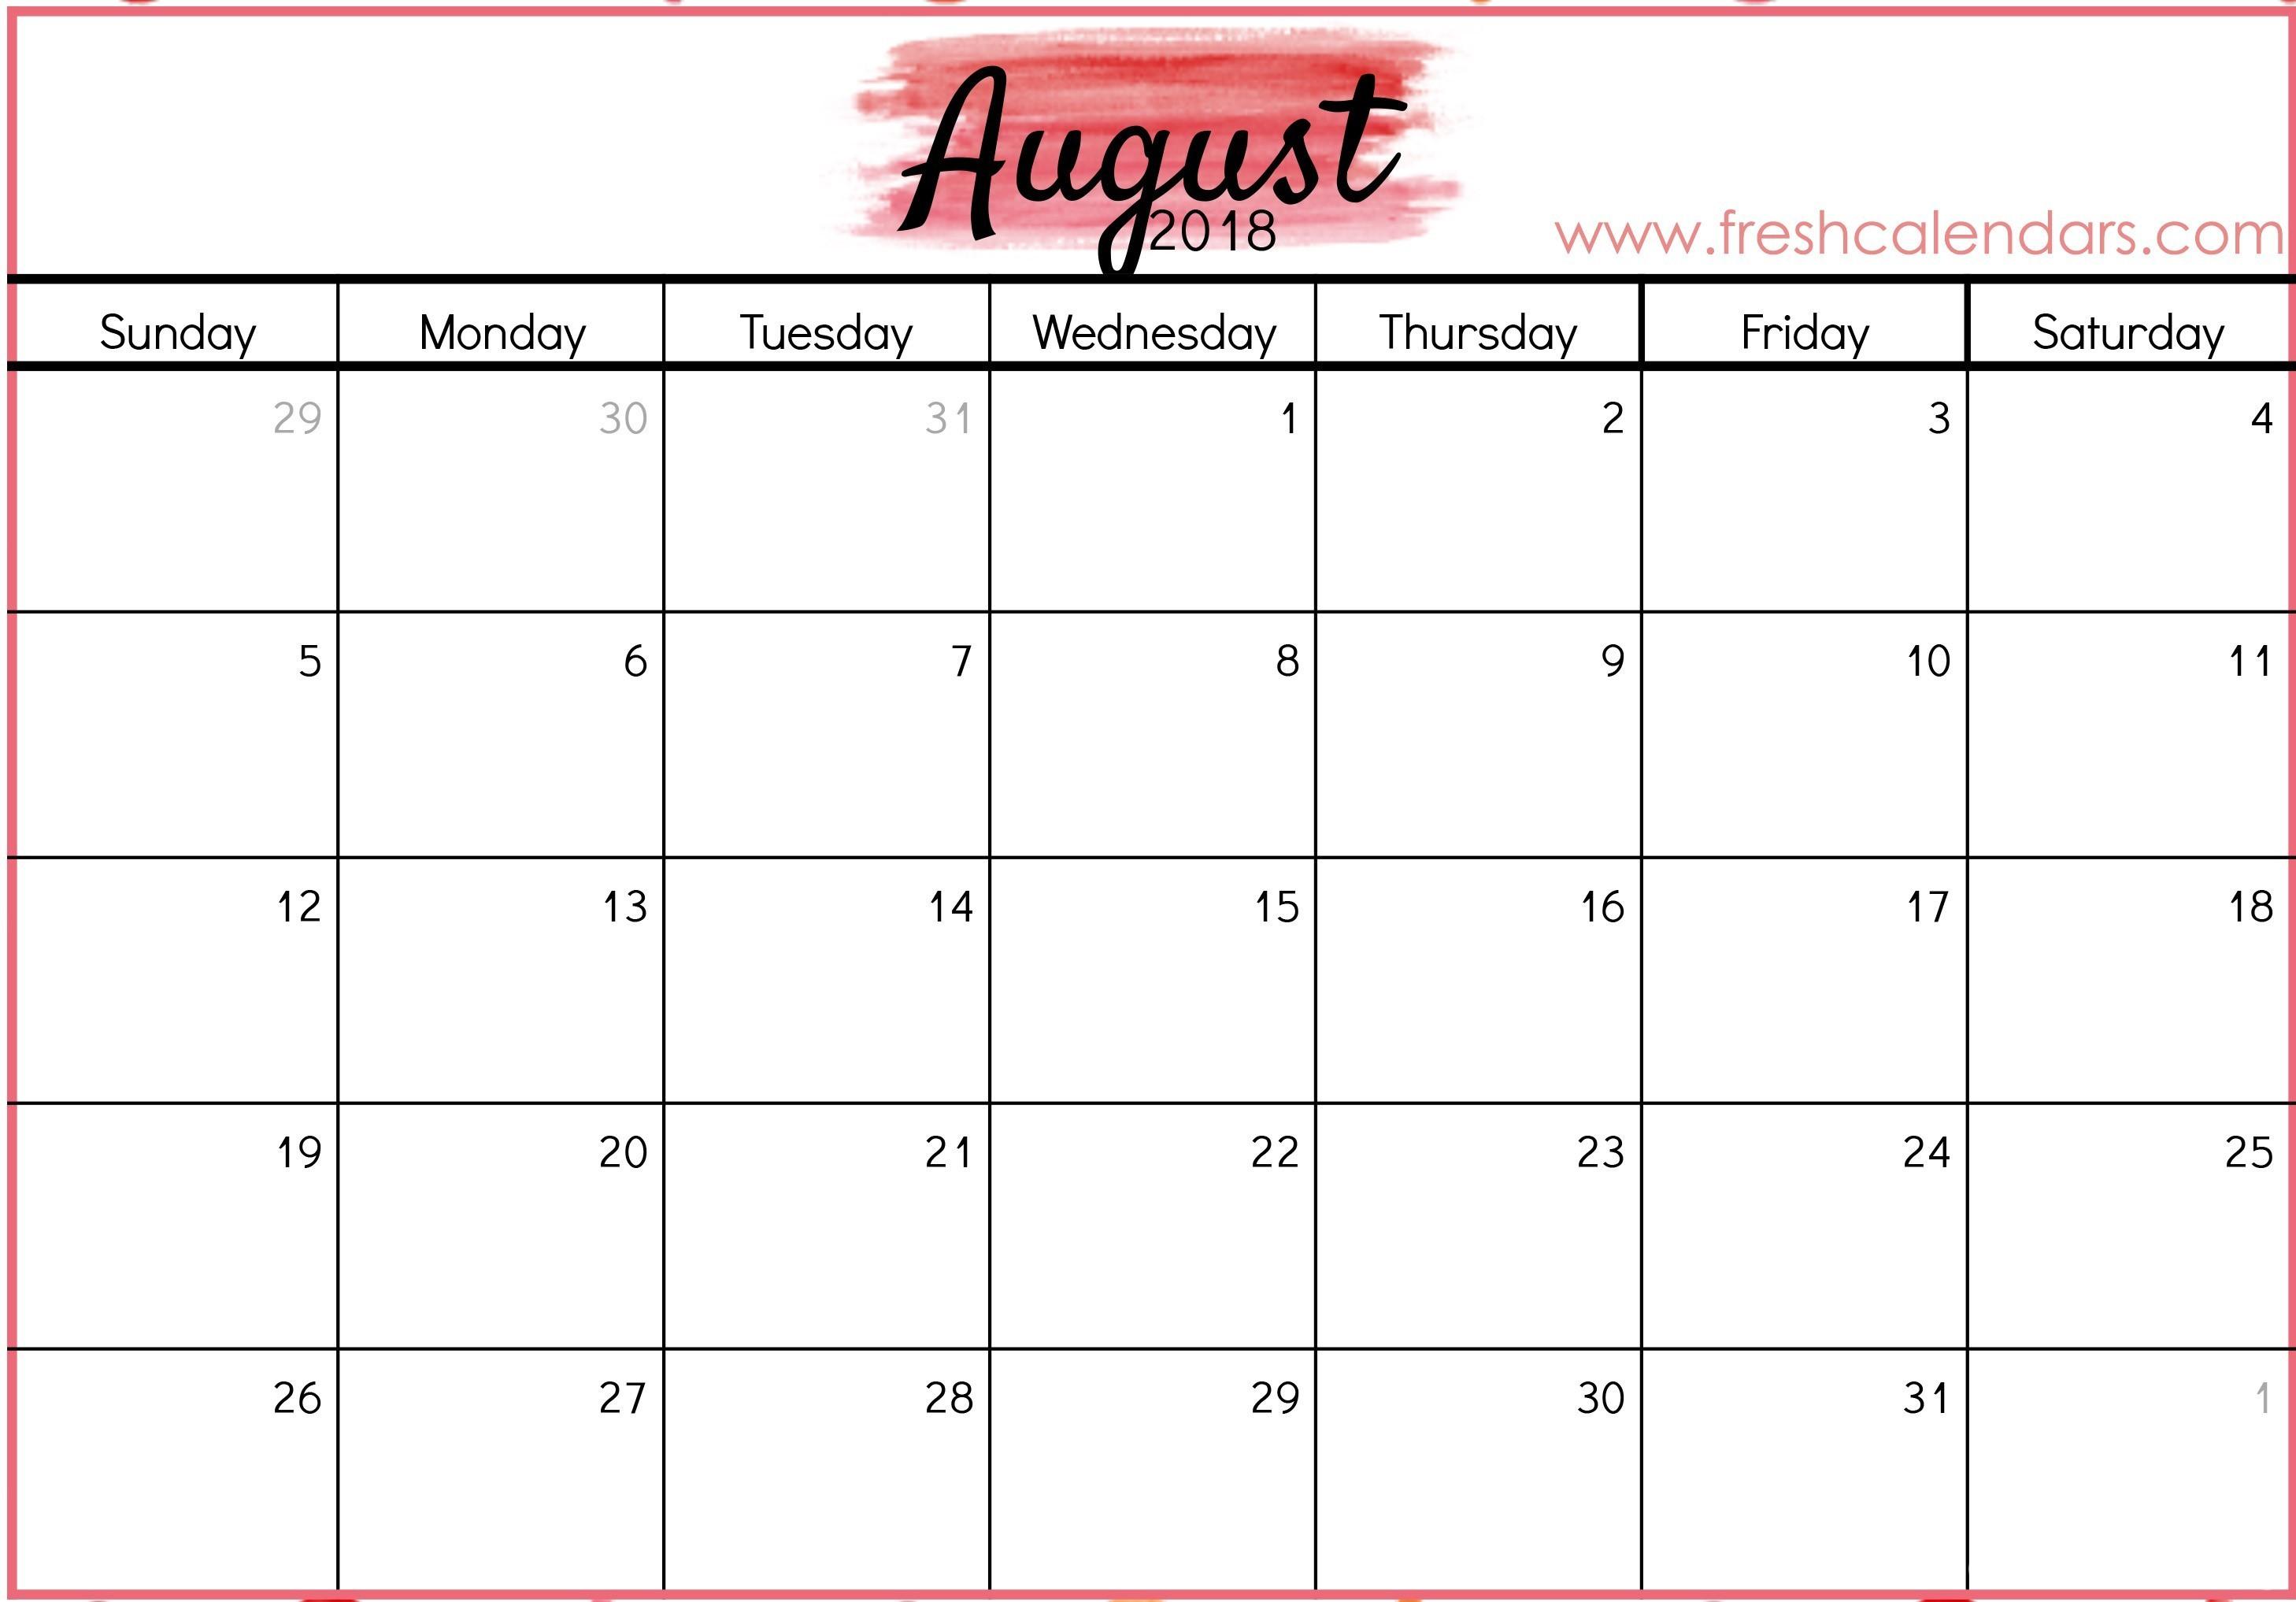 Calendario 2019 Argentina Para Imprimir Pdf Más Actual Es Decir Calendario 2019 Para Imprimir Excel Of Calendario 2019 Argentina Para Imprimir Pdf Más Reciente Es Calendario Para Imprimir 2017 Y 2019